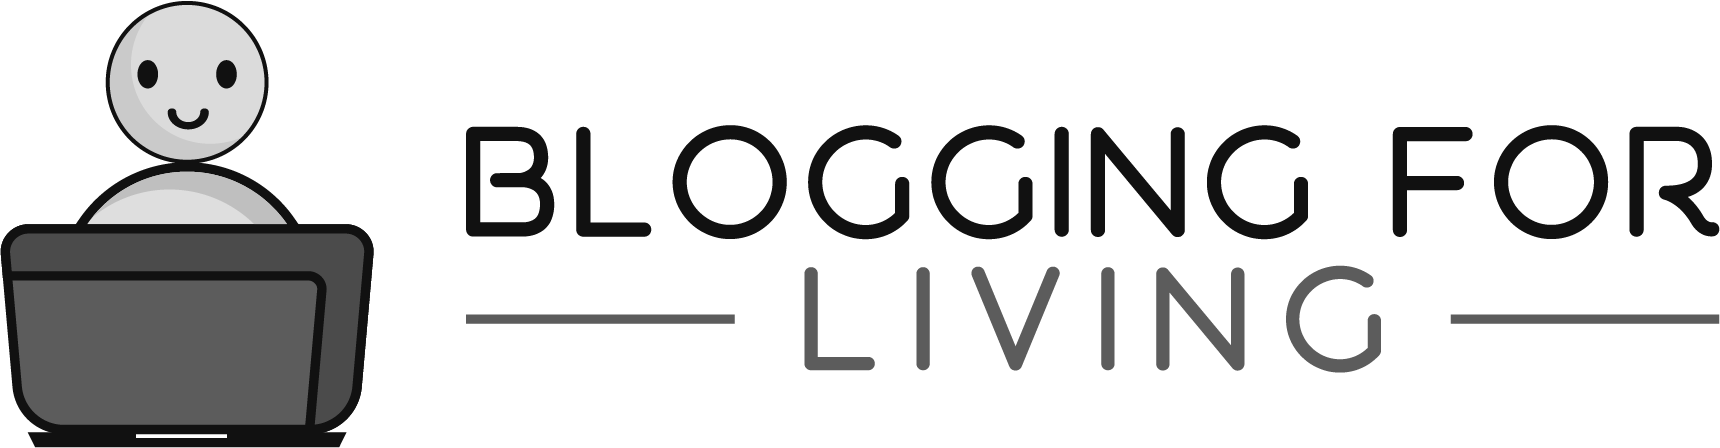 BloggingForLiving